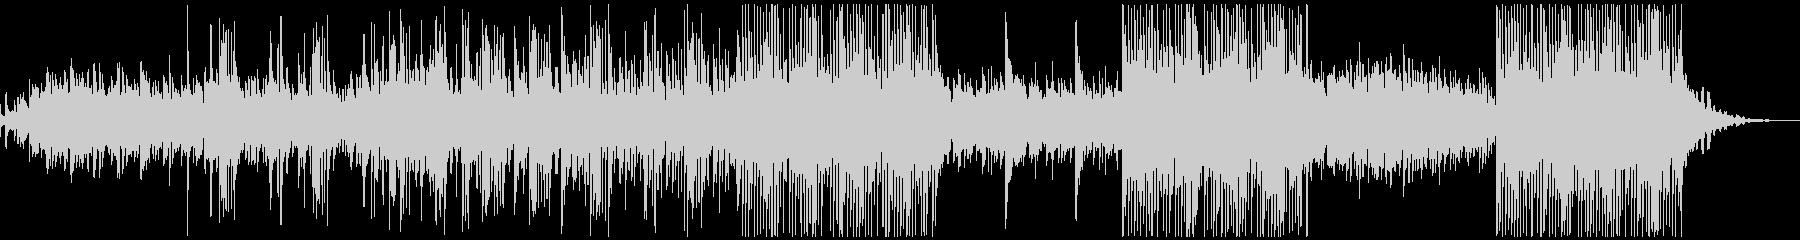 ボイスパーカッションとベルの幻想的な曲の未再生の波形